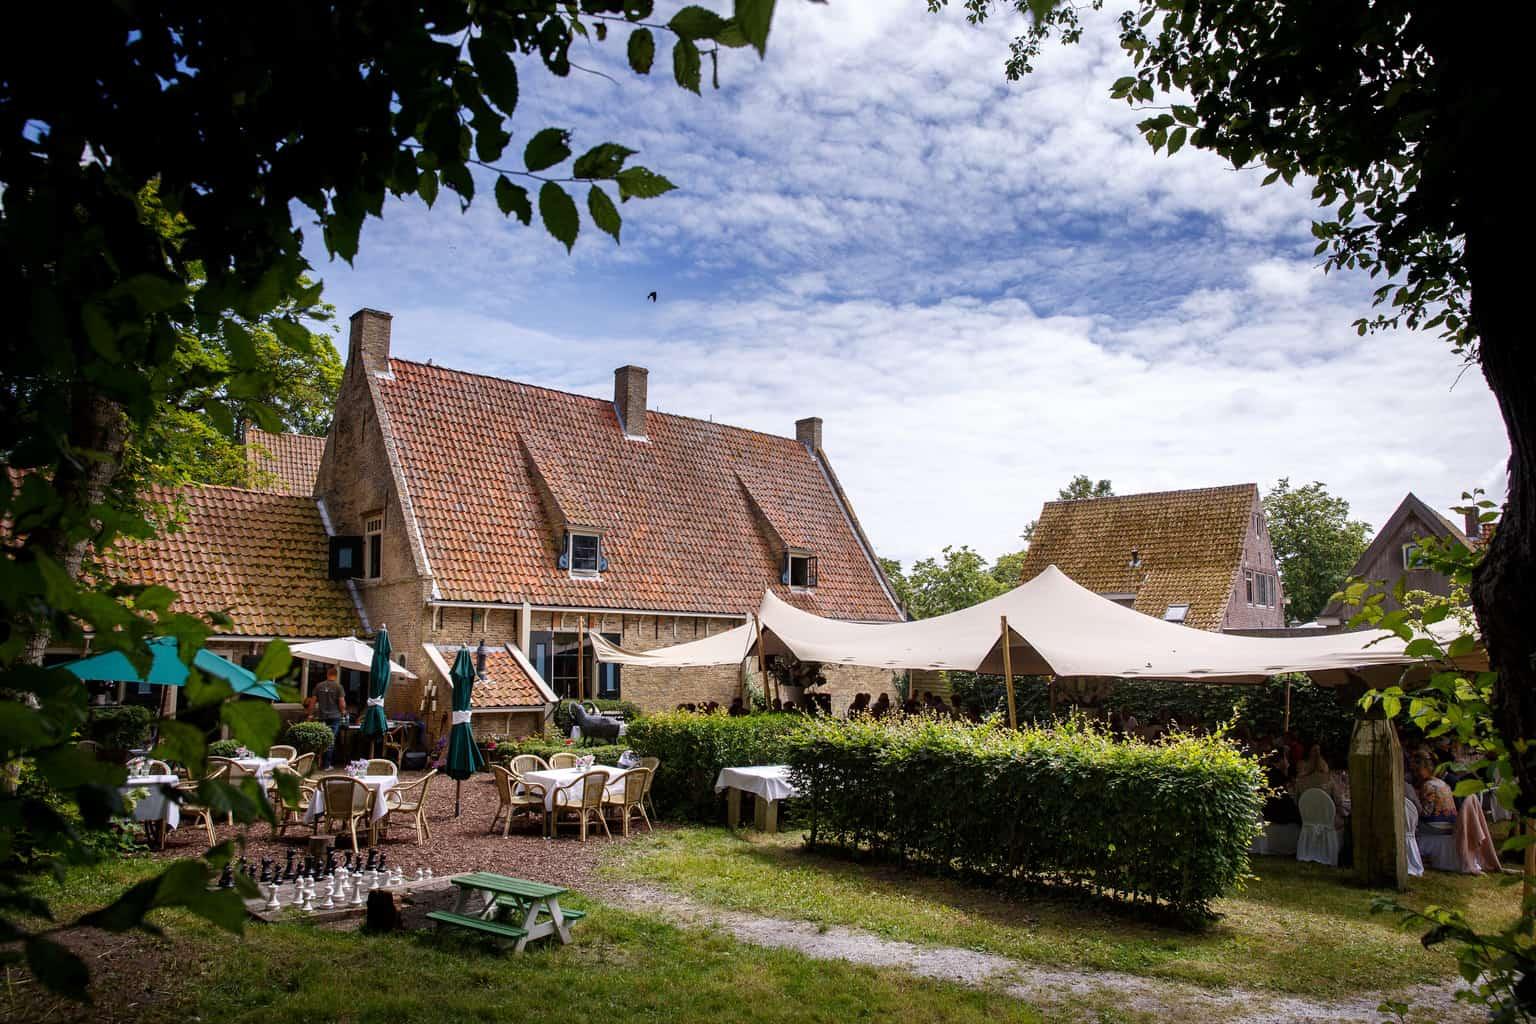 Huwelijk Caroline Tensen en Ernst-Jan Smids, Trouwen op Vlieland, Evert Doorn Fotografie, Wedding en Planning, weddingplanner